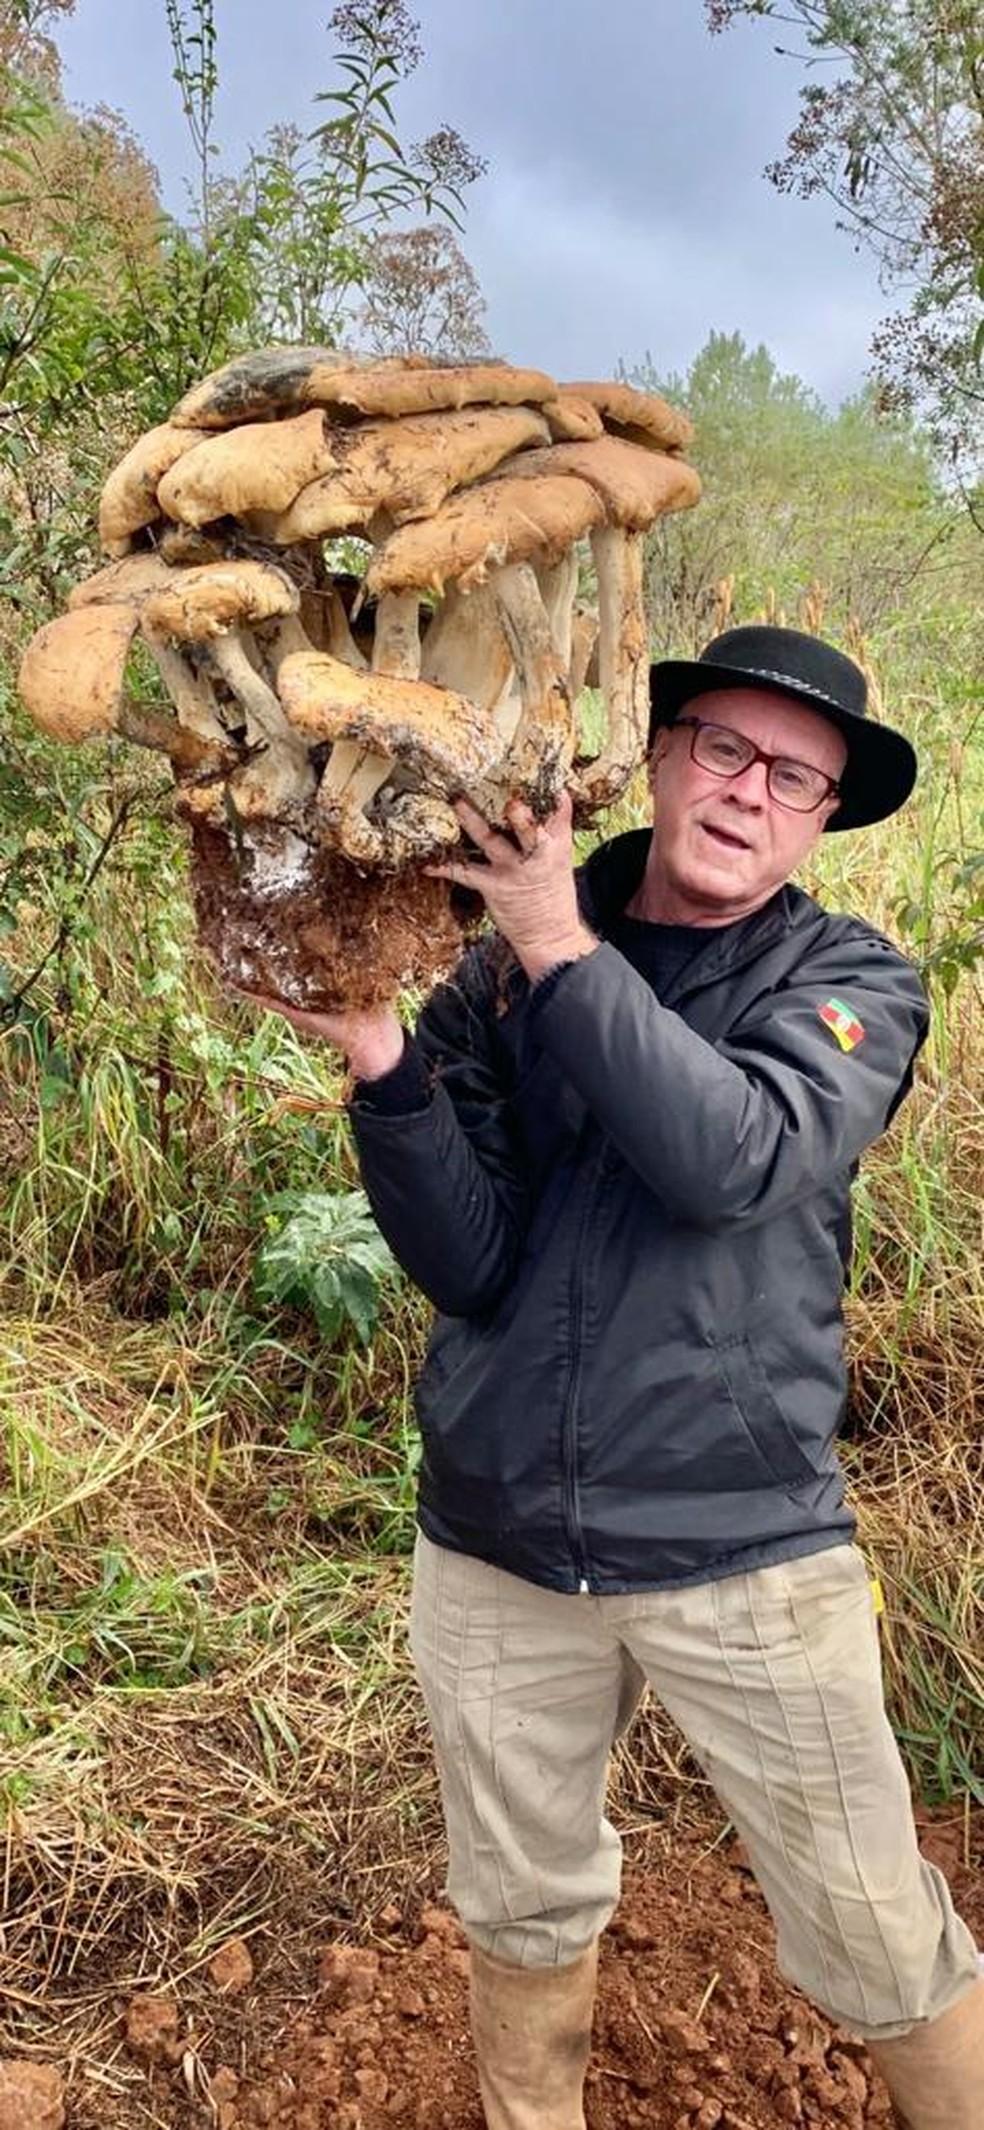 Dono da chácara segura cogumelo gigante — Foto: Evandro Nicola/Arquivo Pessoal